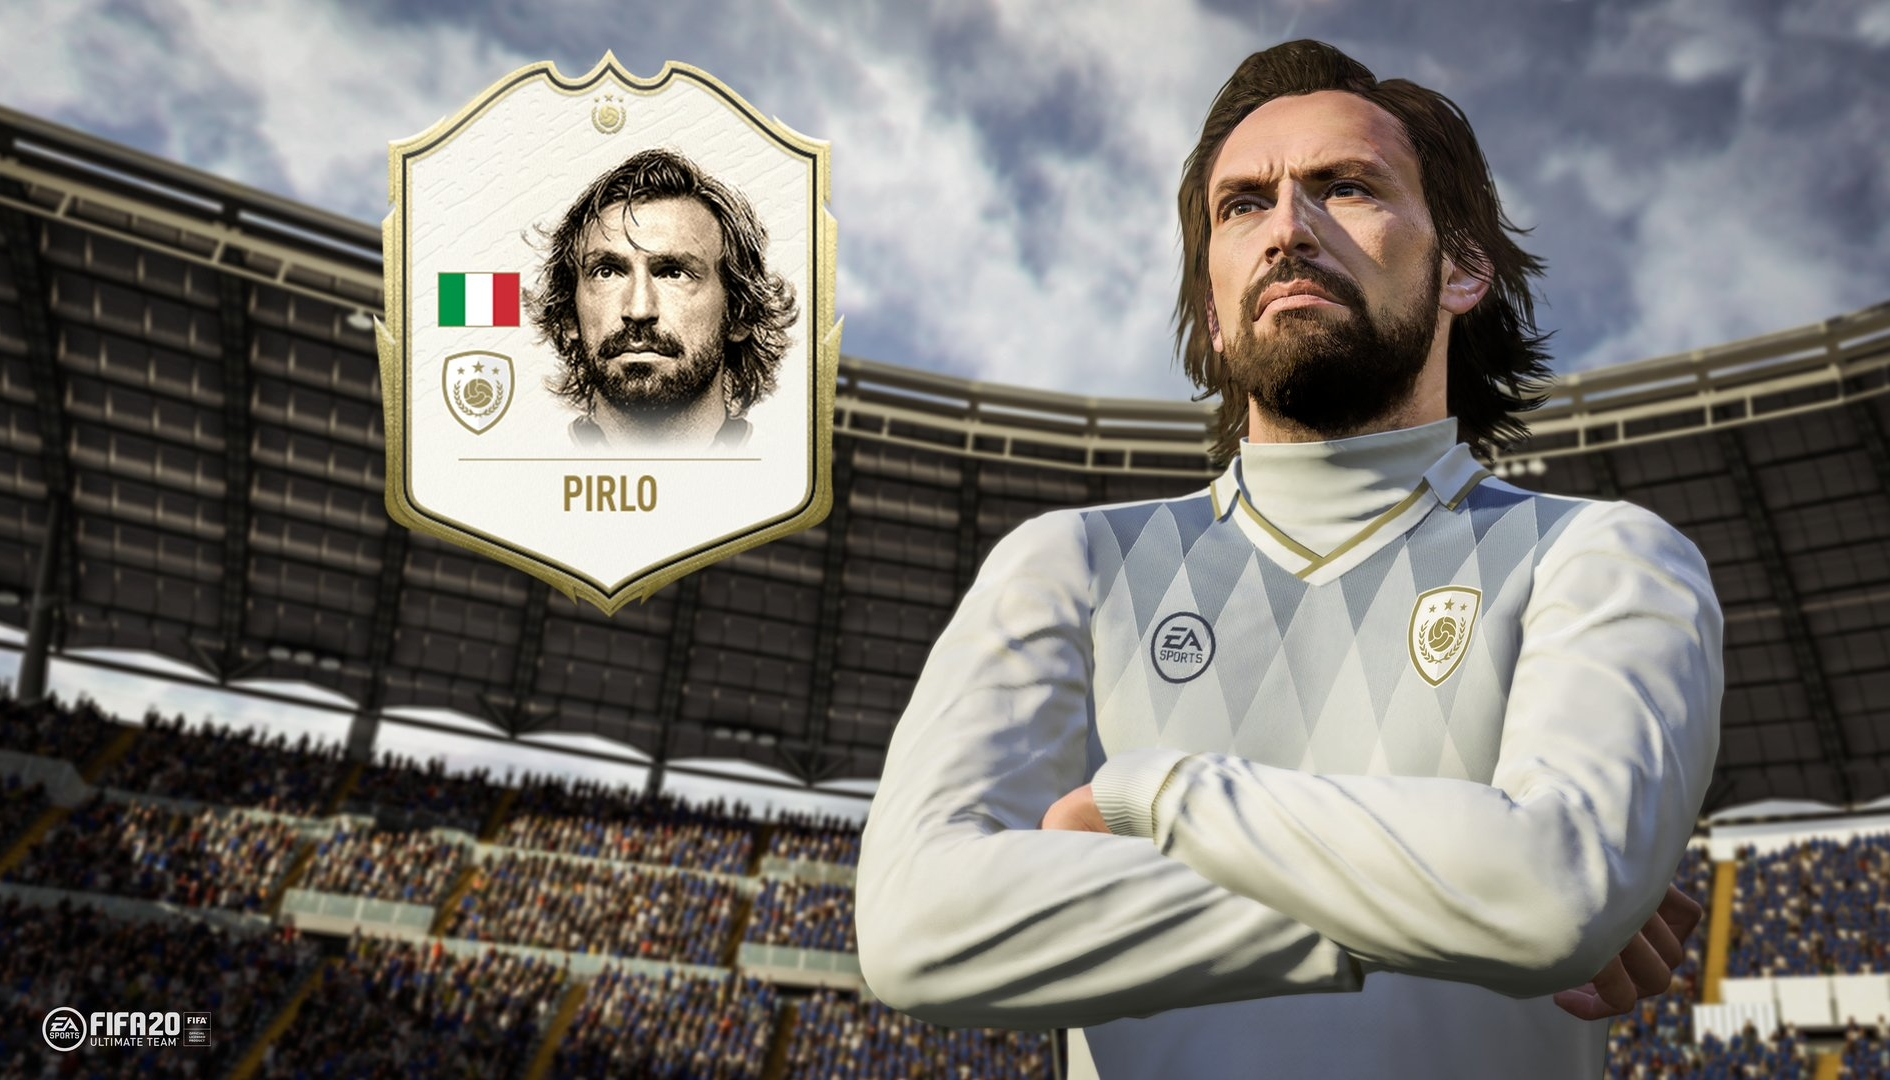 FIFA 20: Pirlo sarà un'icona nell'atteso titolo!